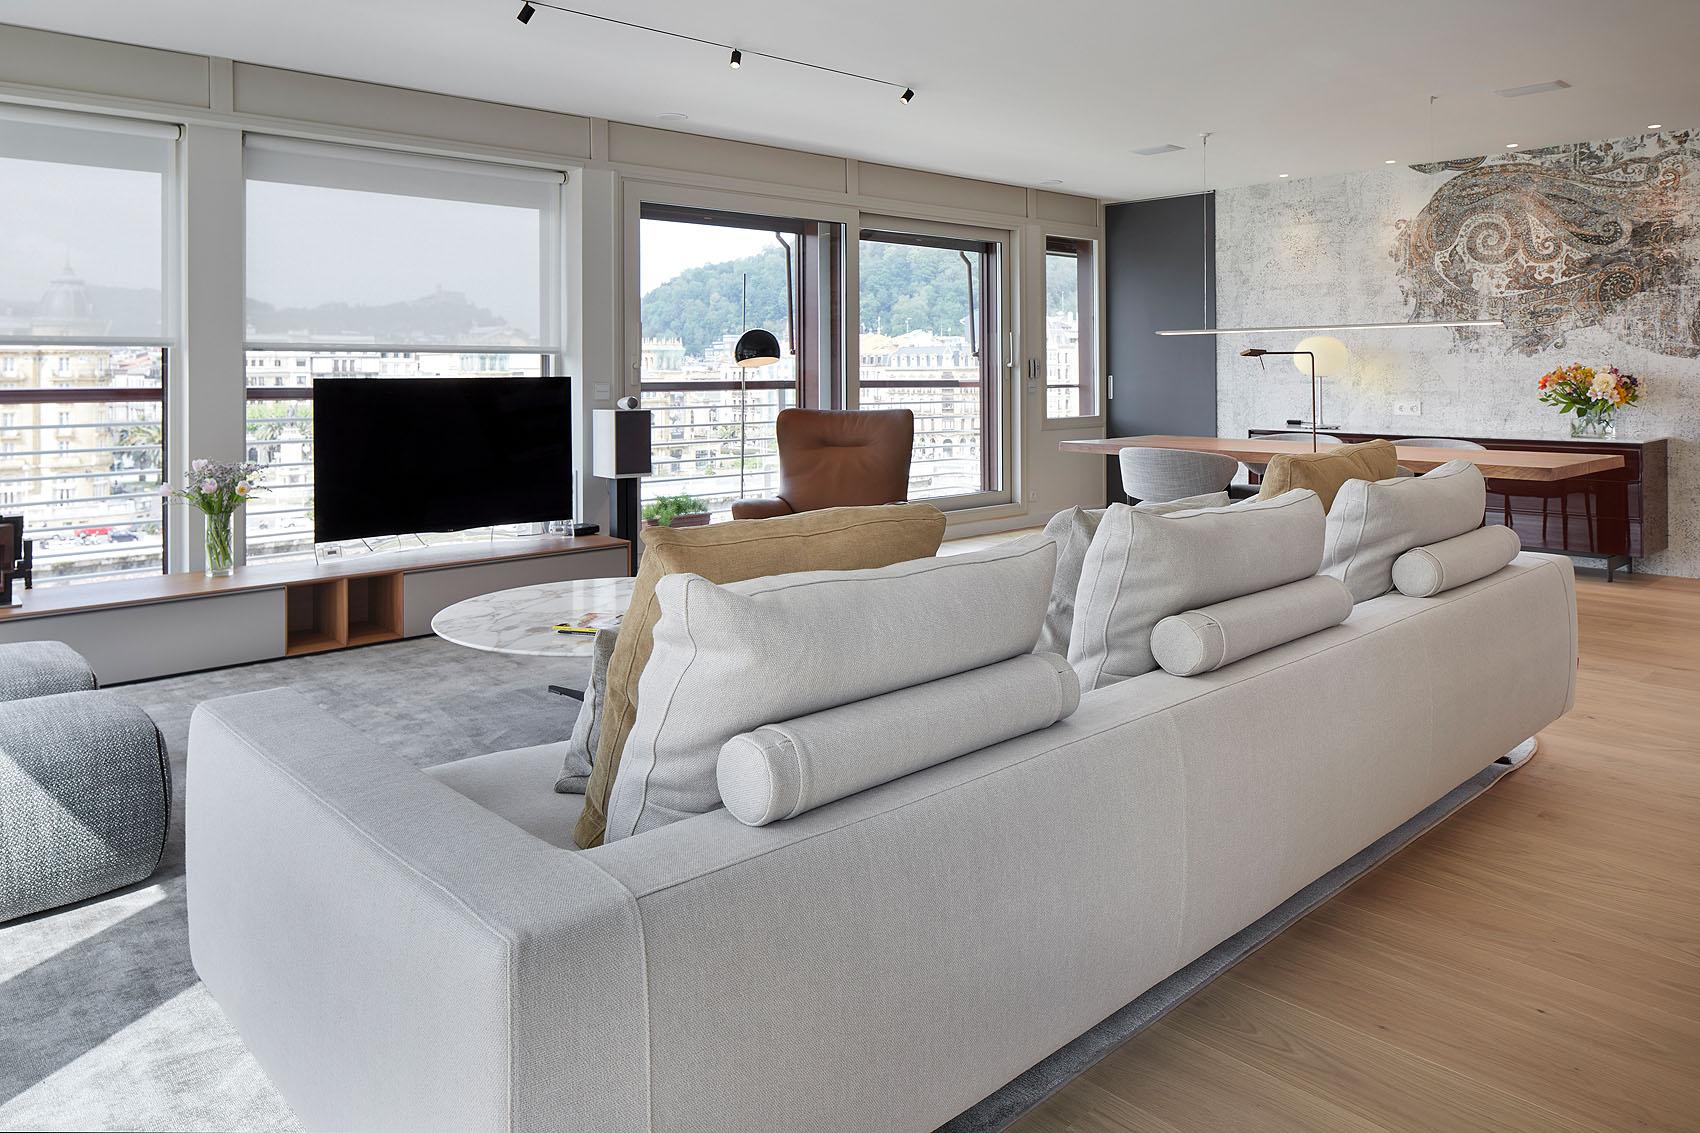 Apartamento con vistas al Urumea en San Sebastian - Iñaki Caperochipi - Fotografía